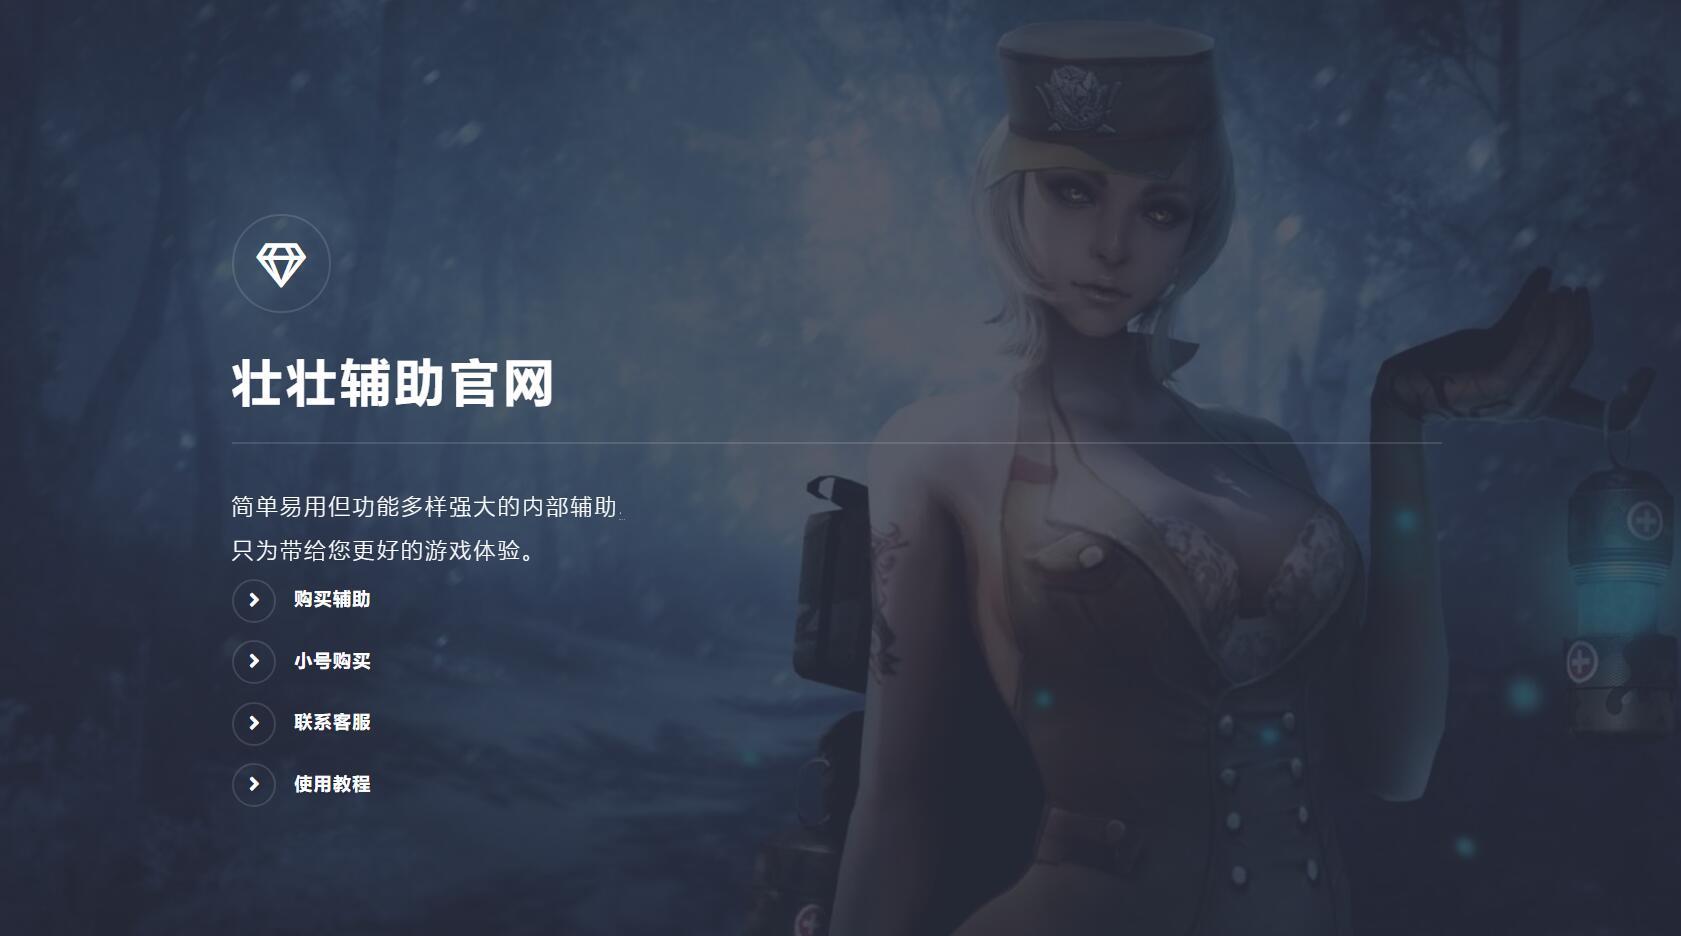 游戏FZ寄售官网源码带后台-亿动工作室's Blog